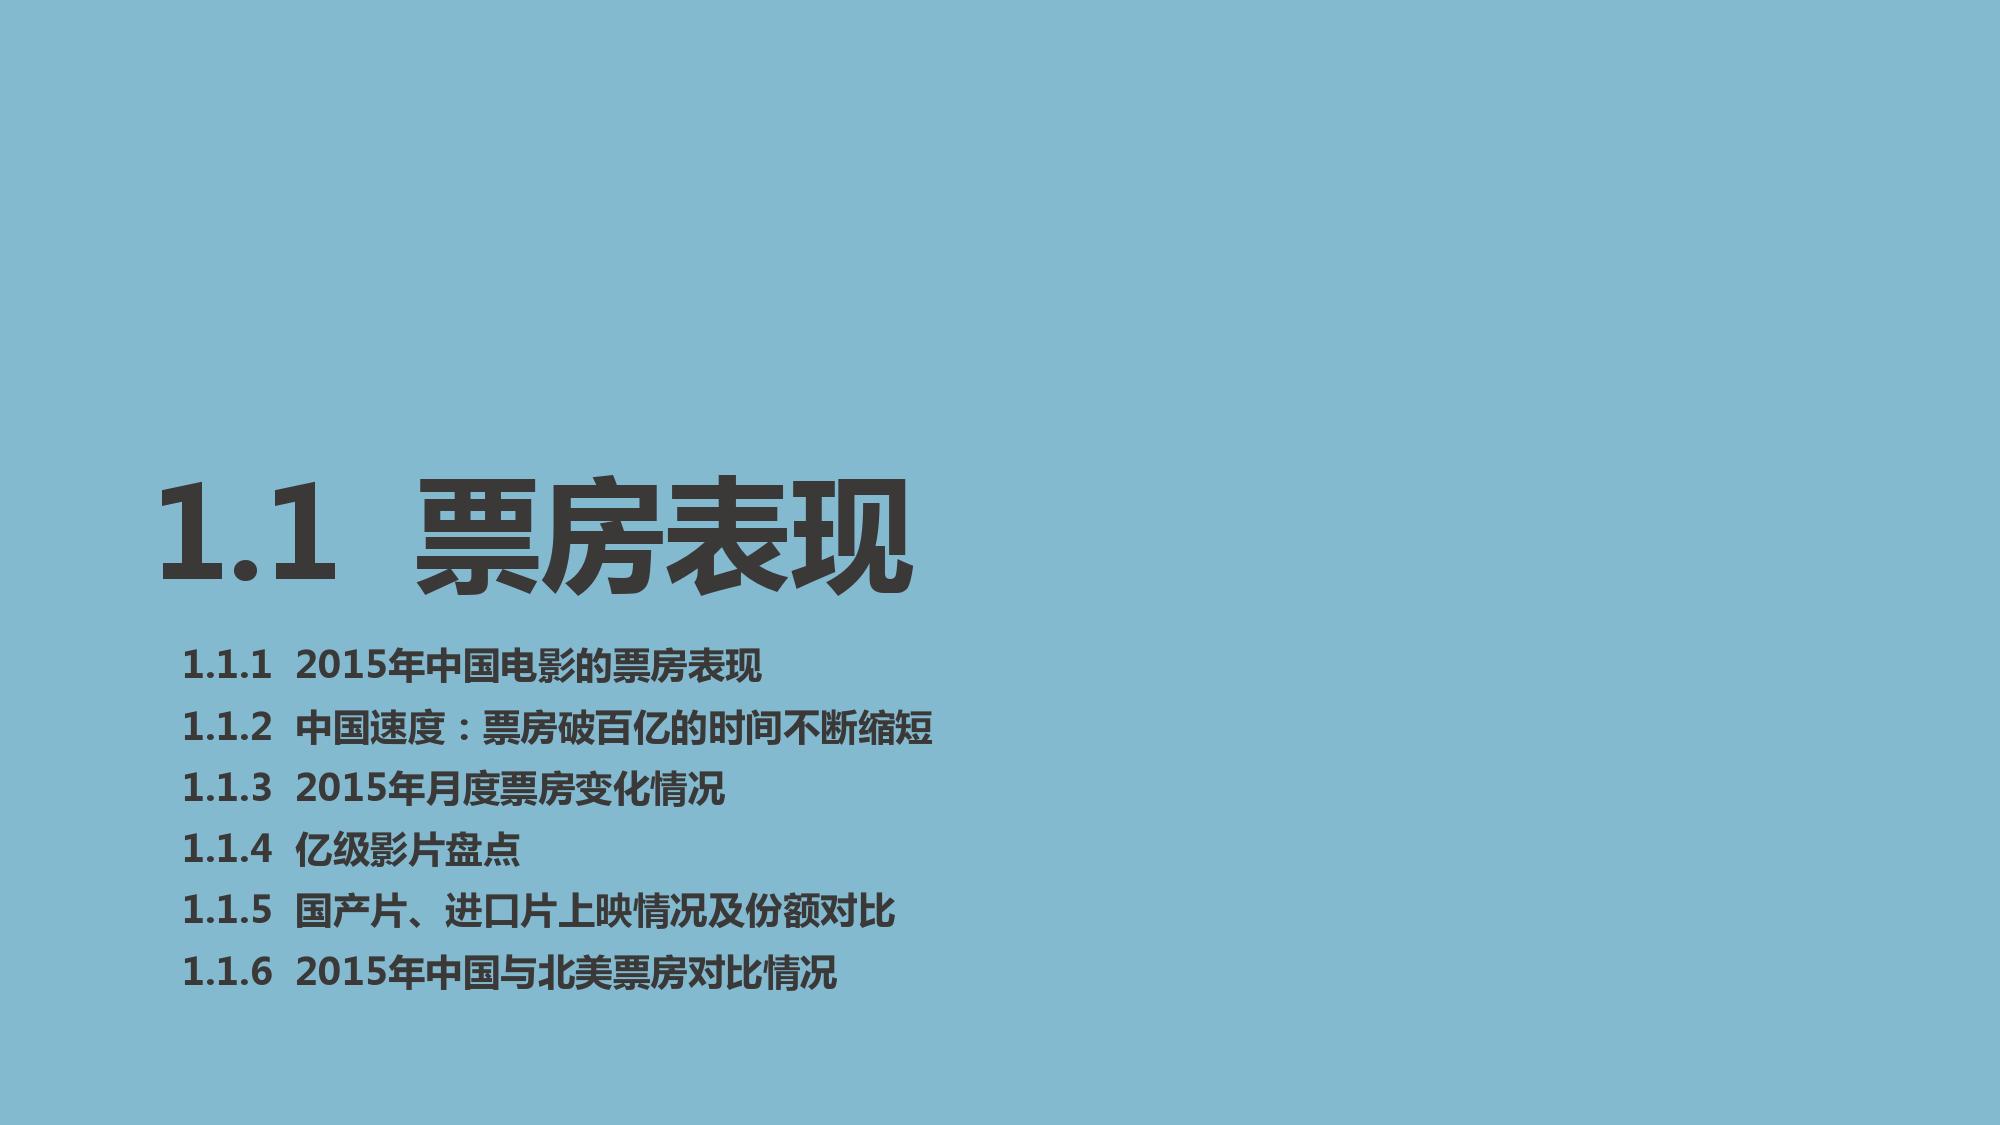 2015年度中国电影产业报告_000011